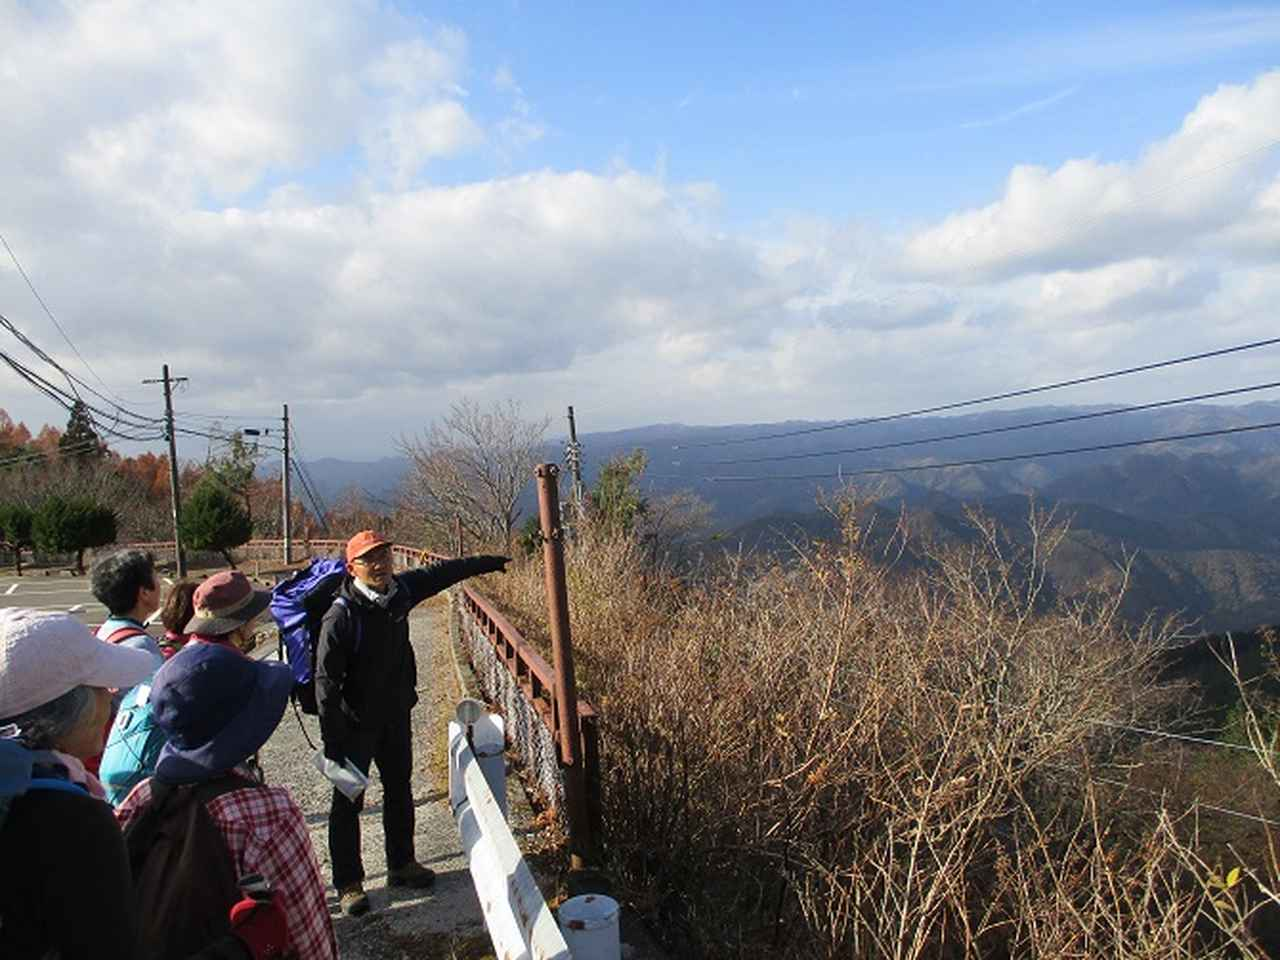 画像13: 先日11月27日より2泊3日で 山旅会 「京都」 ツアーにいってまいりました!